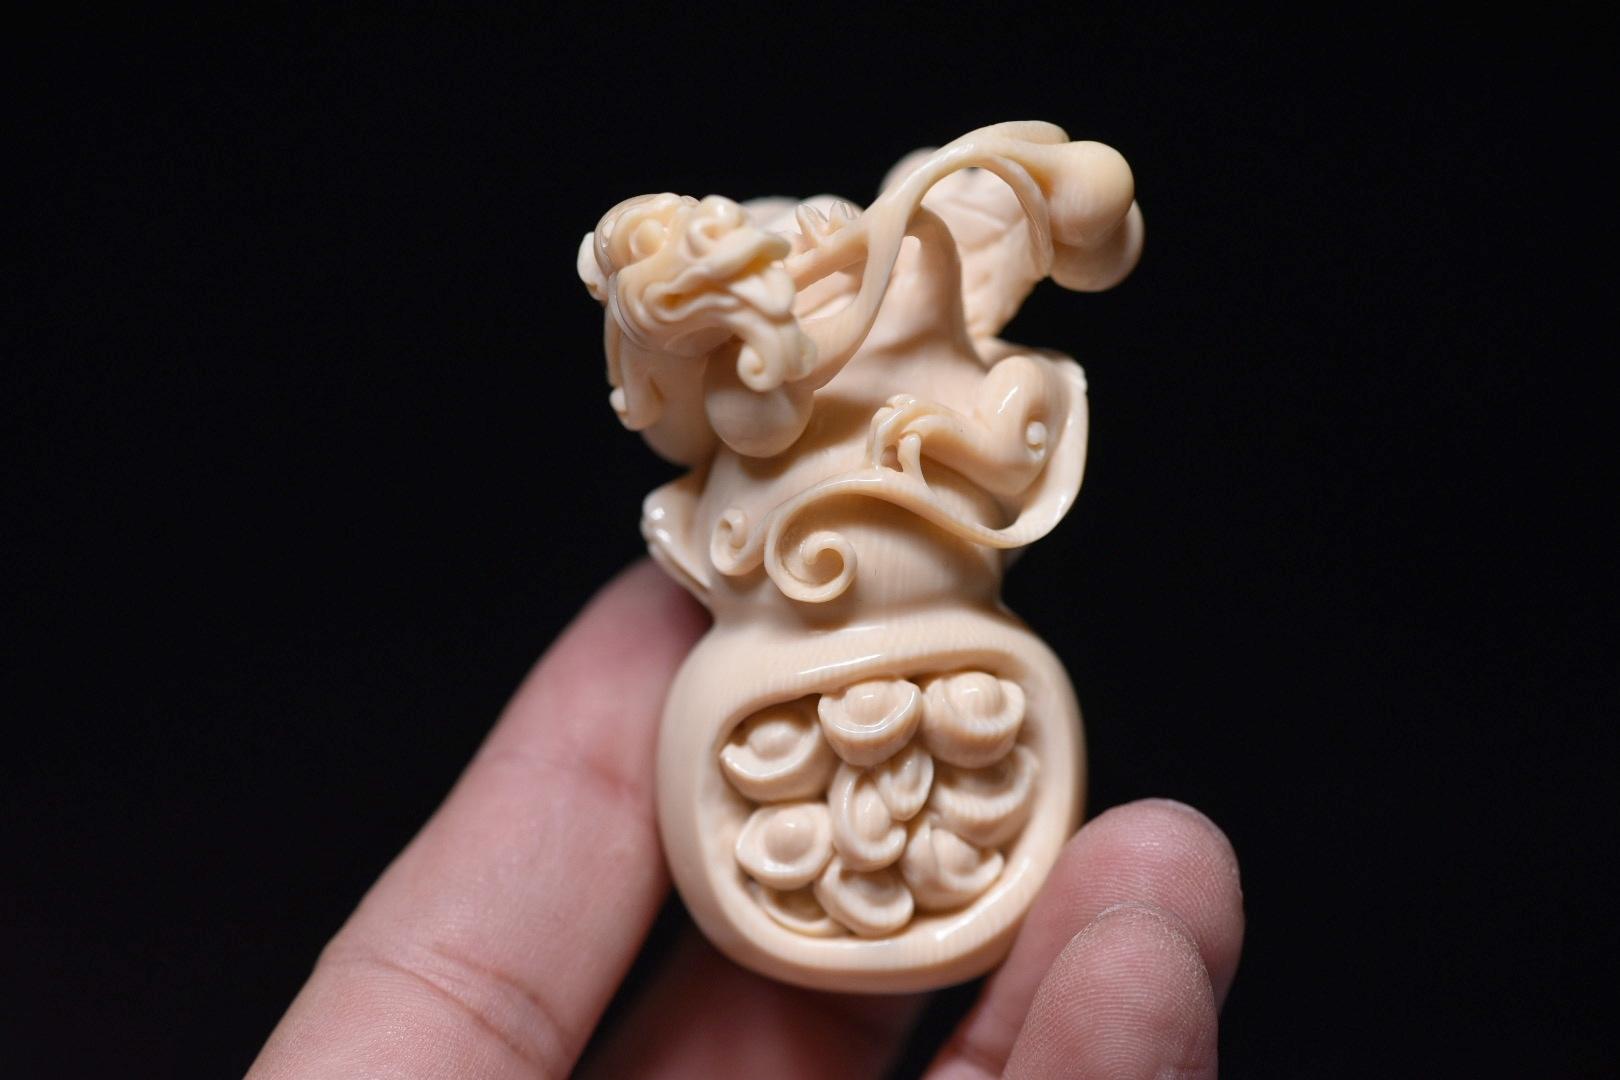 【福禄双全】大师 高度镂空雕刻,去料多✊ 纯手工雕刻工艺繁琐耗时长,满工雕琢